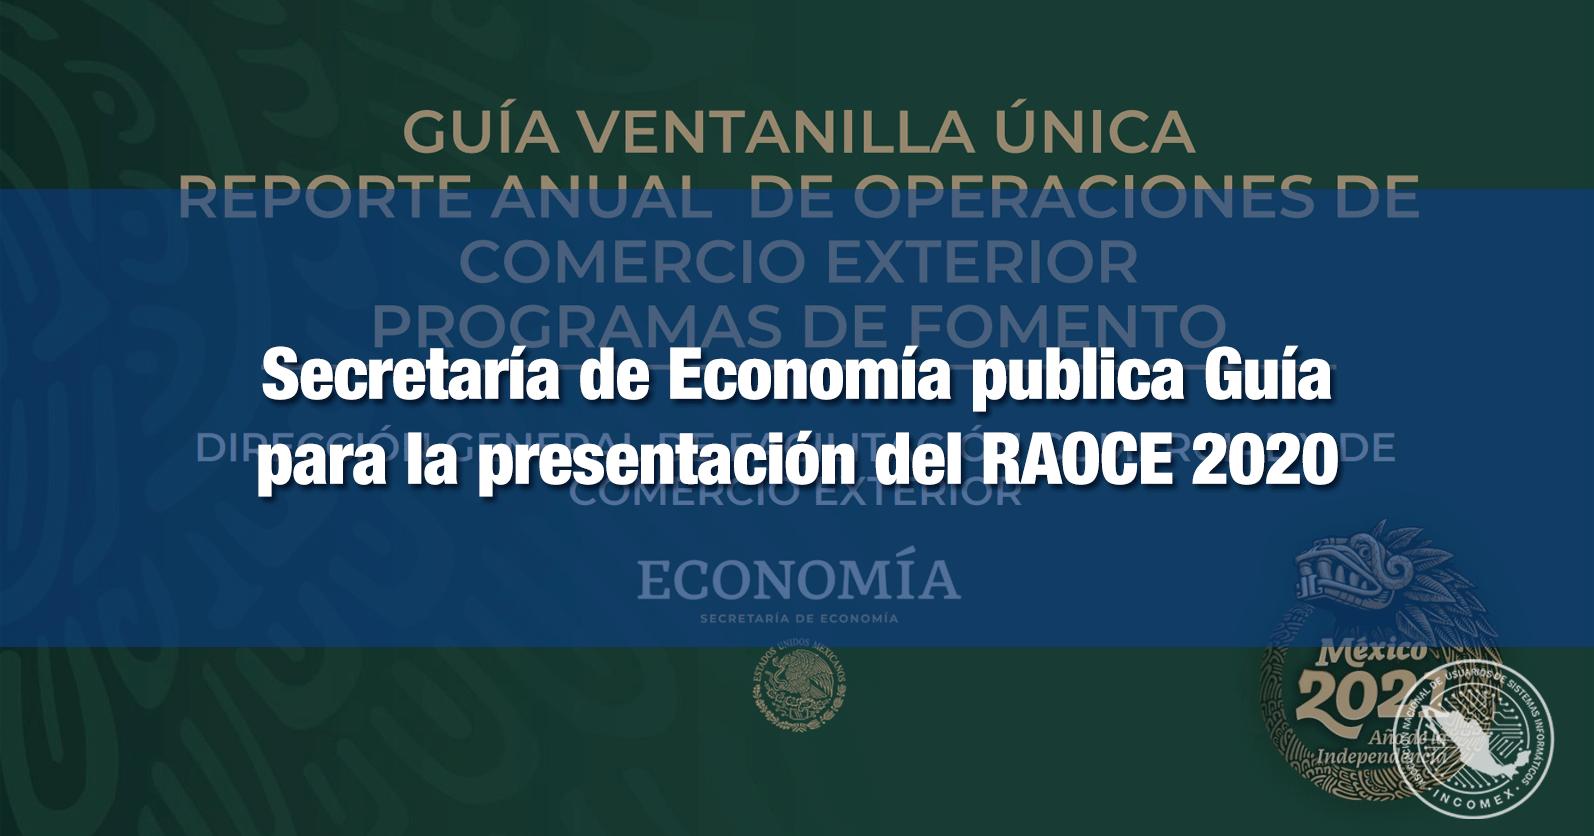 Secretaría de Economía publica Guía para la presentación del RAOCE 2020